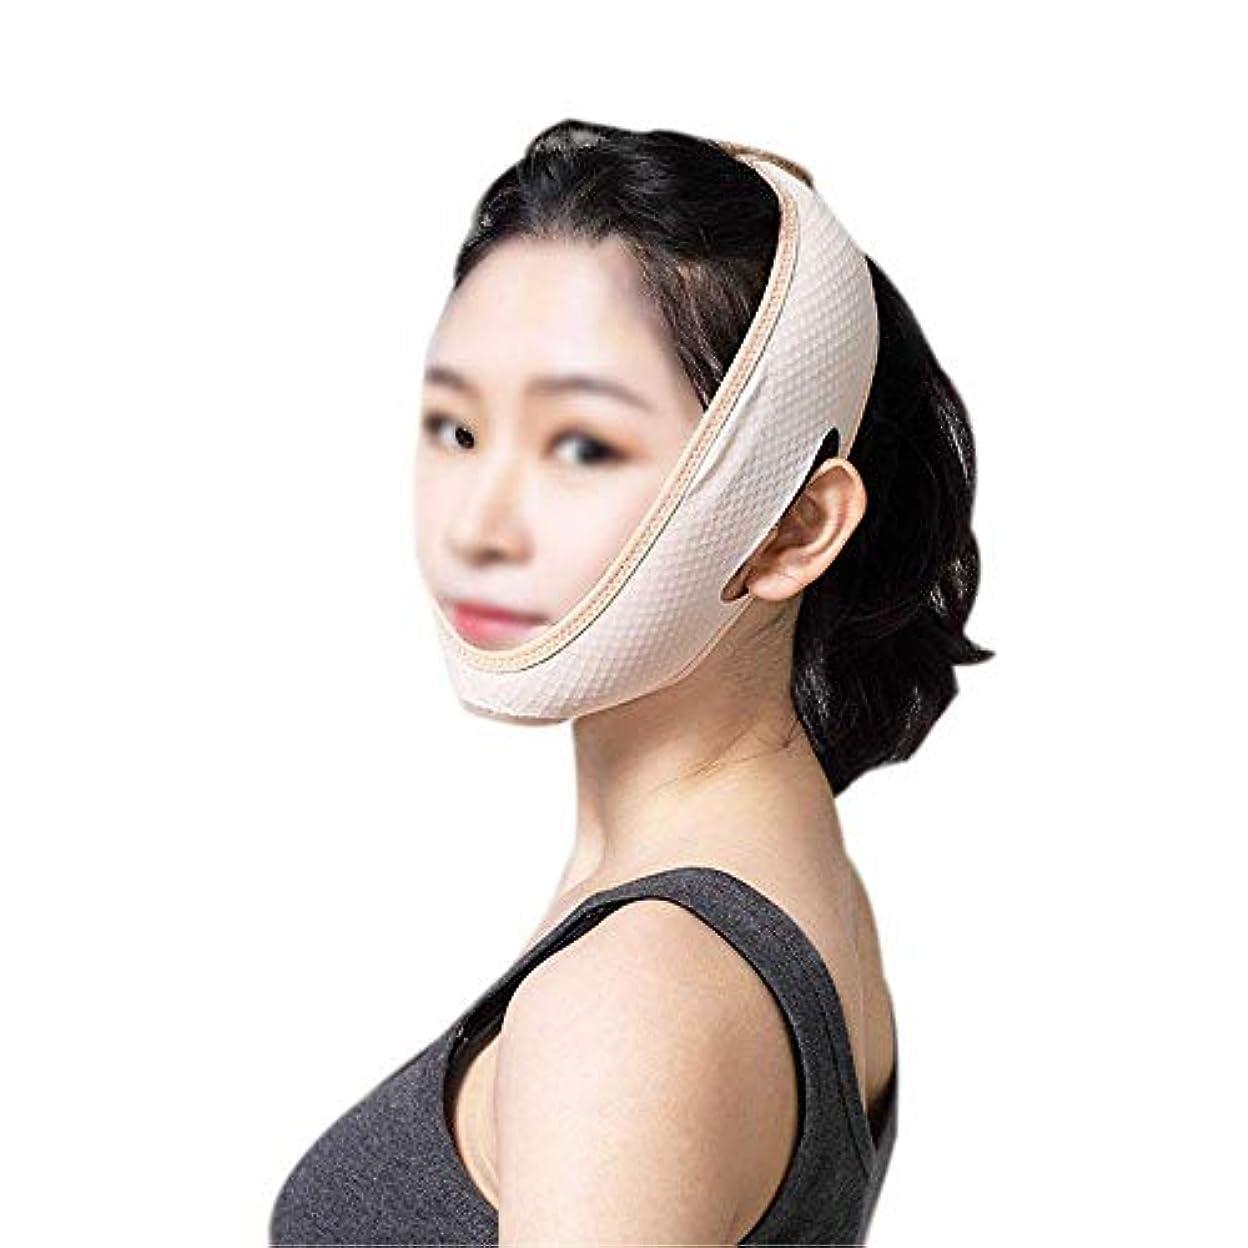 ひばり黒人海藻フェイスリフティングバンデージ、肌の引き締めを強化する薄いフェイスマスクの睡眠、ダブルチンマスクの削減